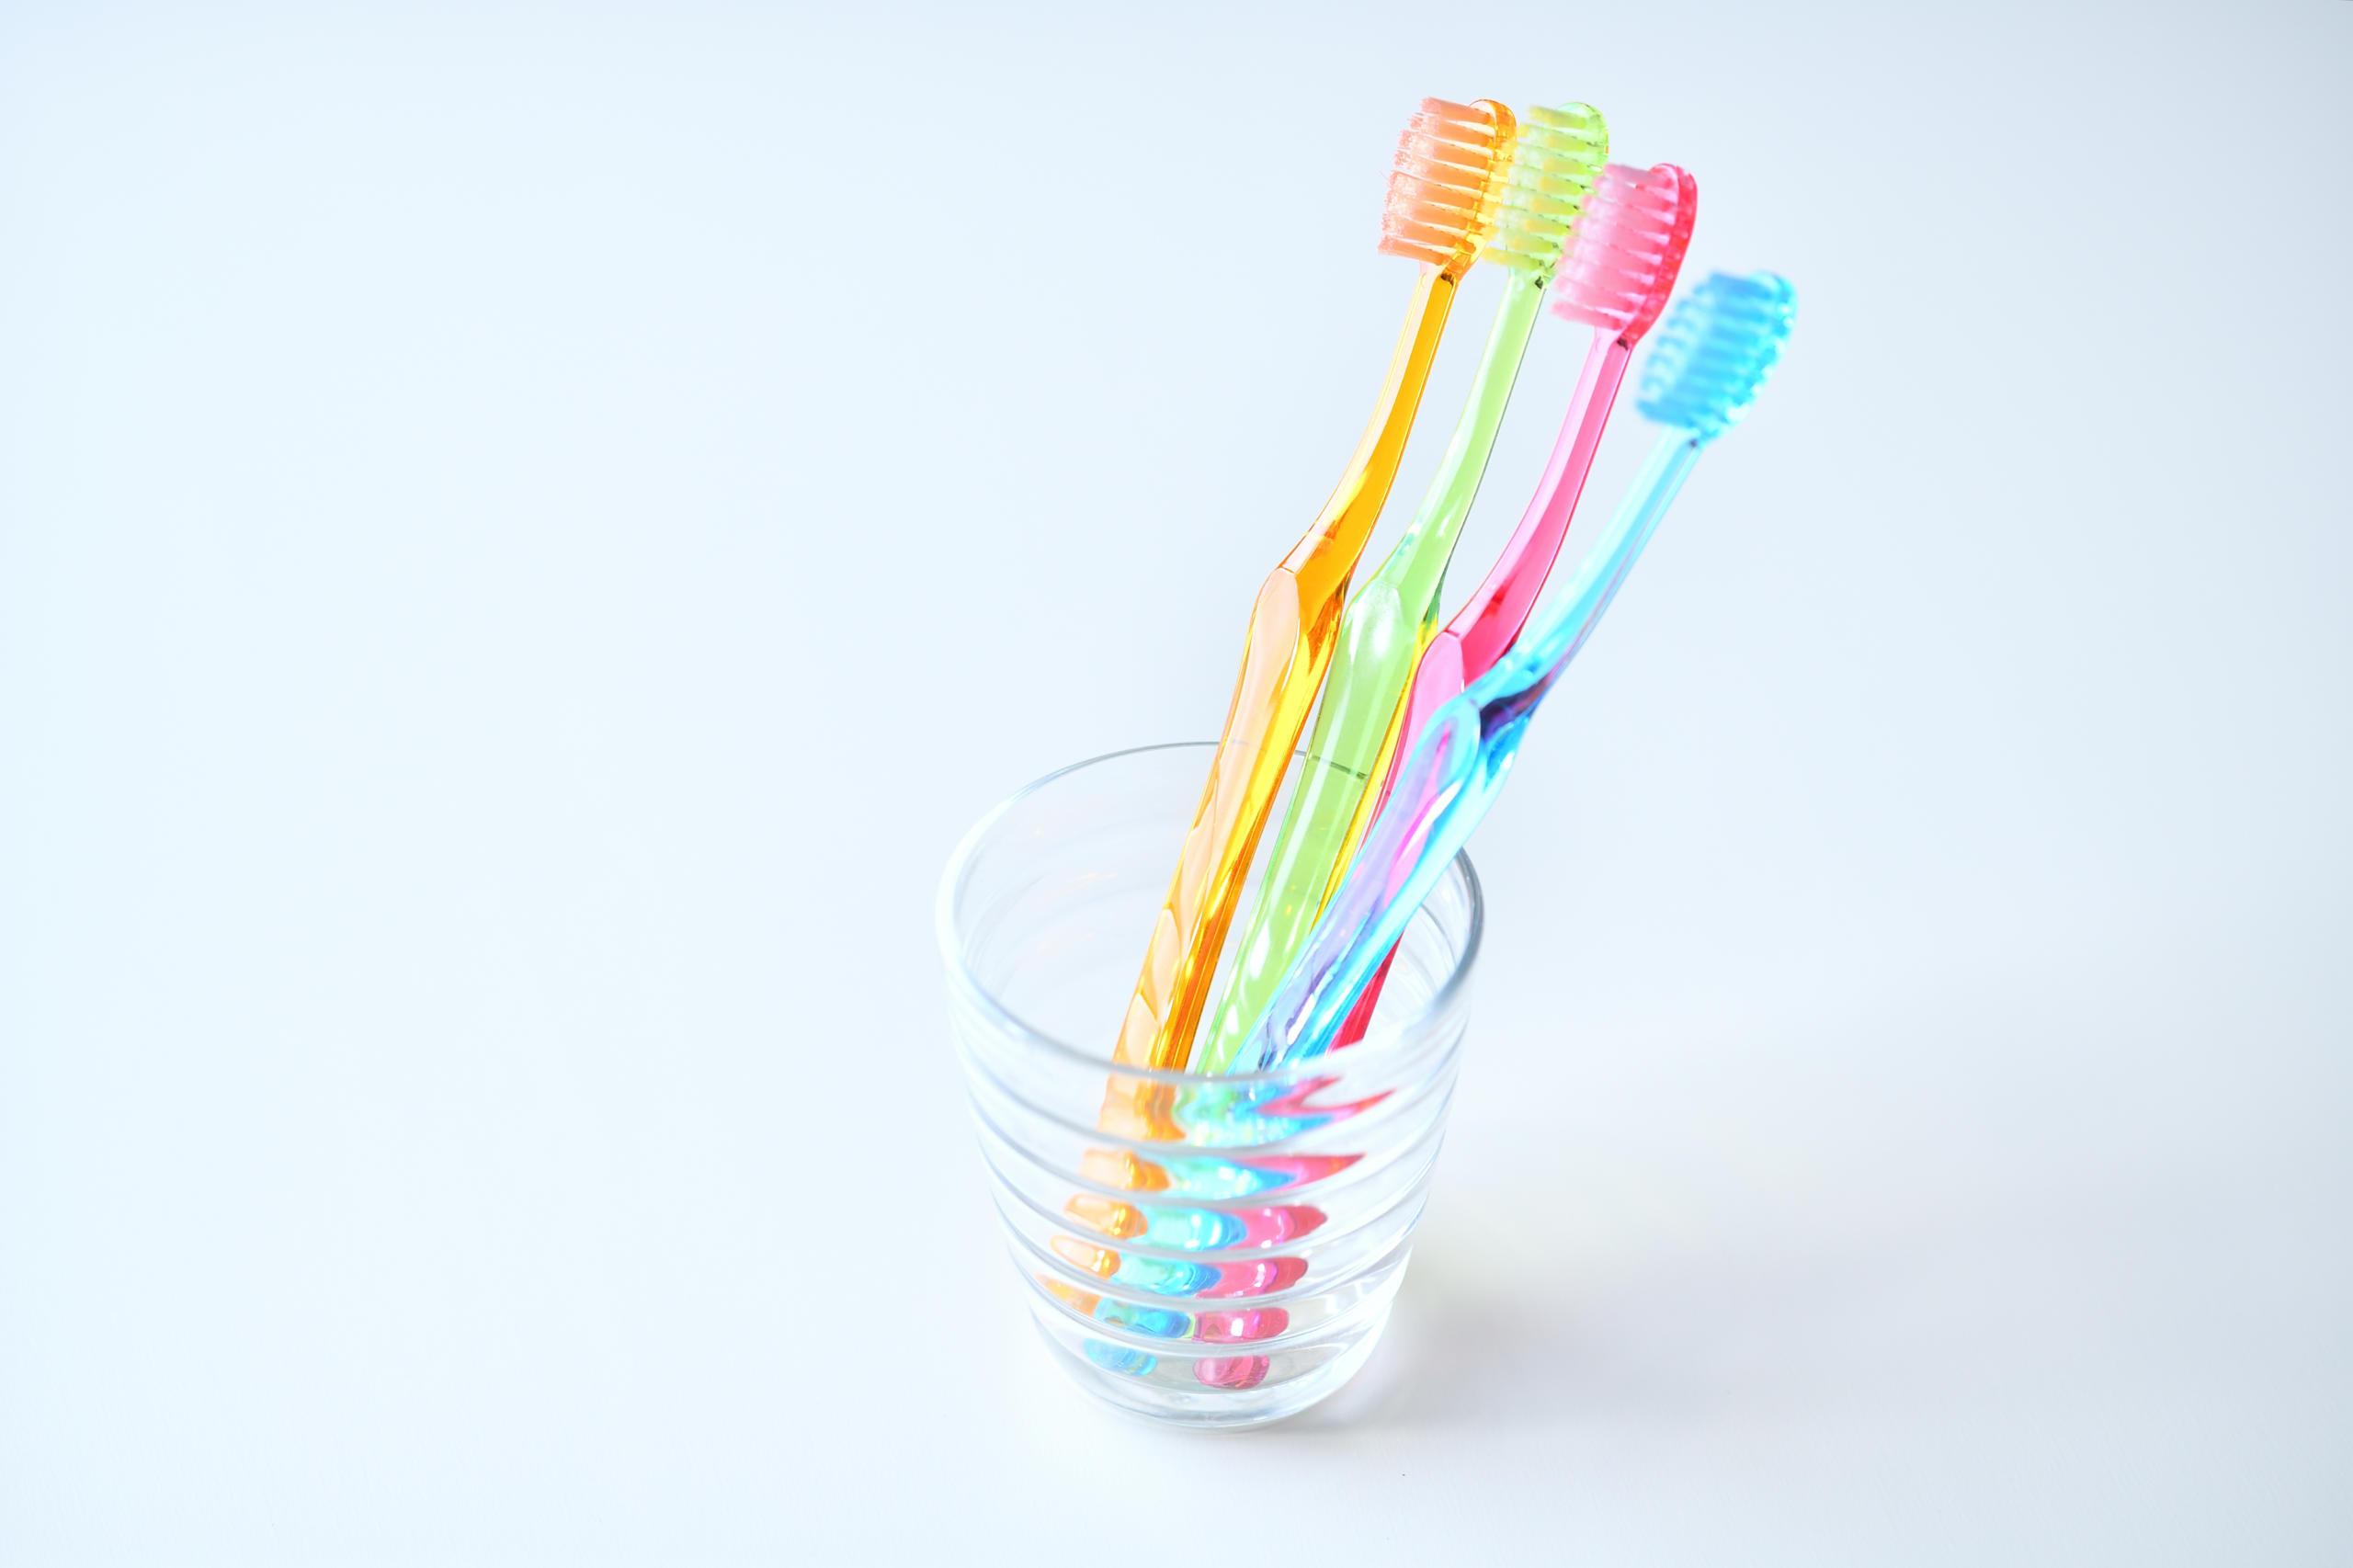 【8院】稲毛海岸の歯医者おすすめポイントを特徴別で紹介